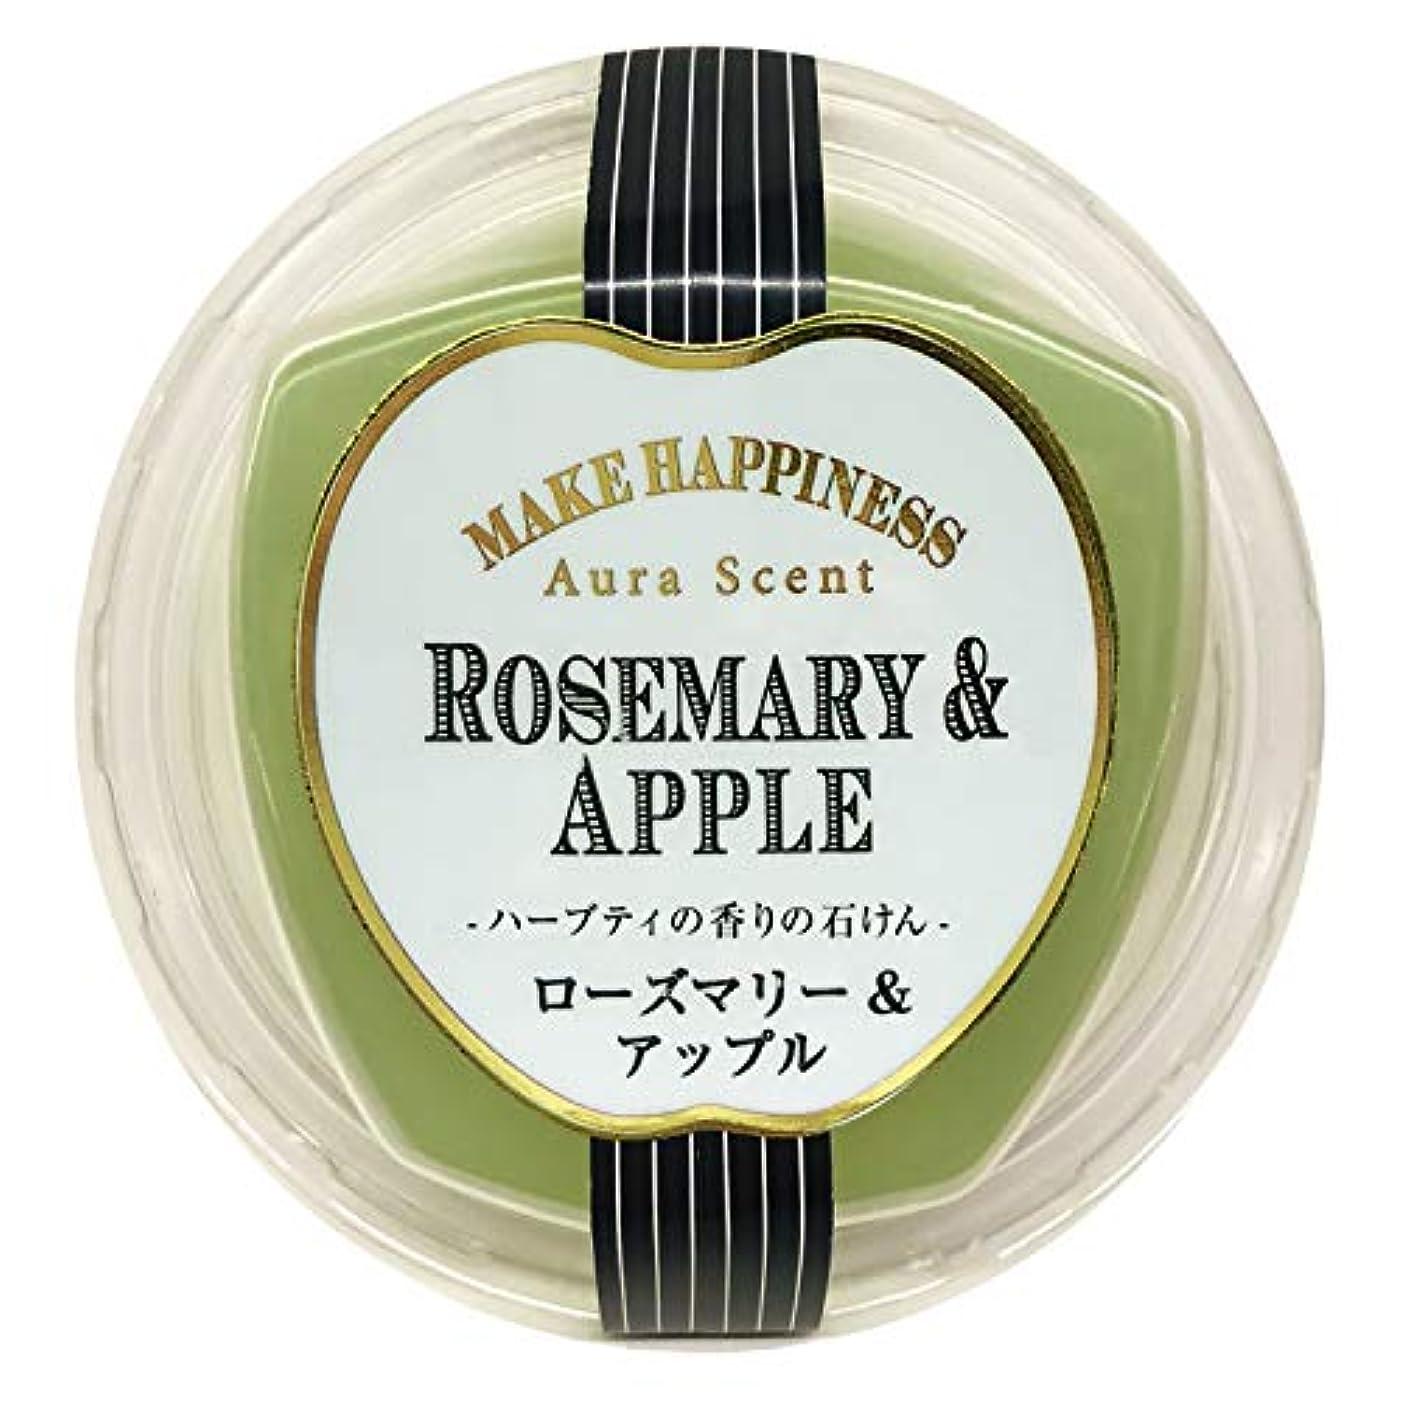 ミニチュア注ぎますアパートペリカン石鹸 オーラセント クリアソープ ローズマリー&アップル 75g